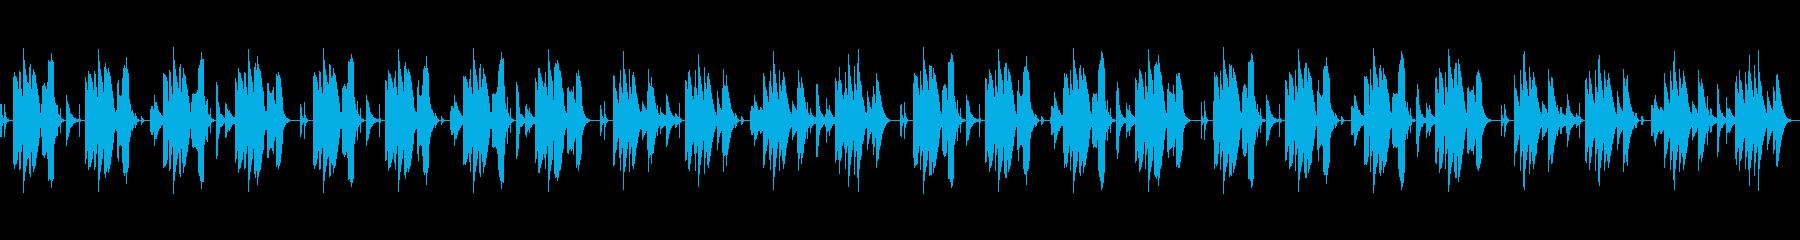 気の抜けるほんわか・おとぼけ笛と打楽器の再生済みの波形